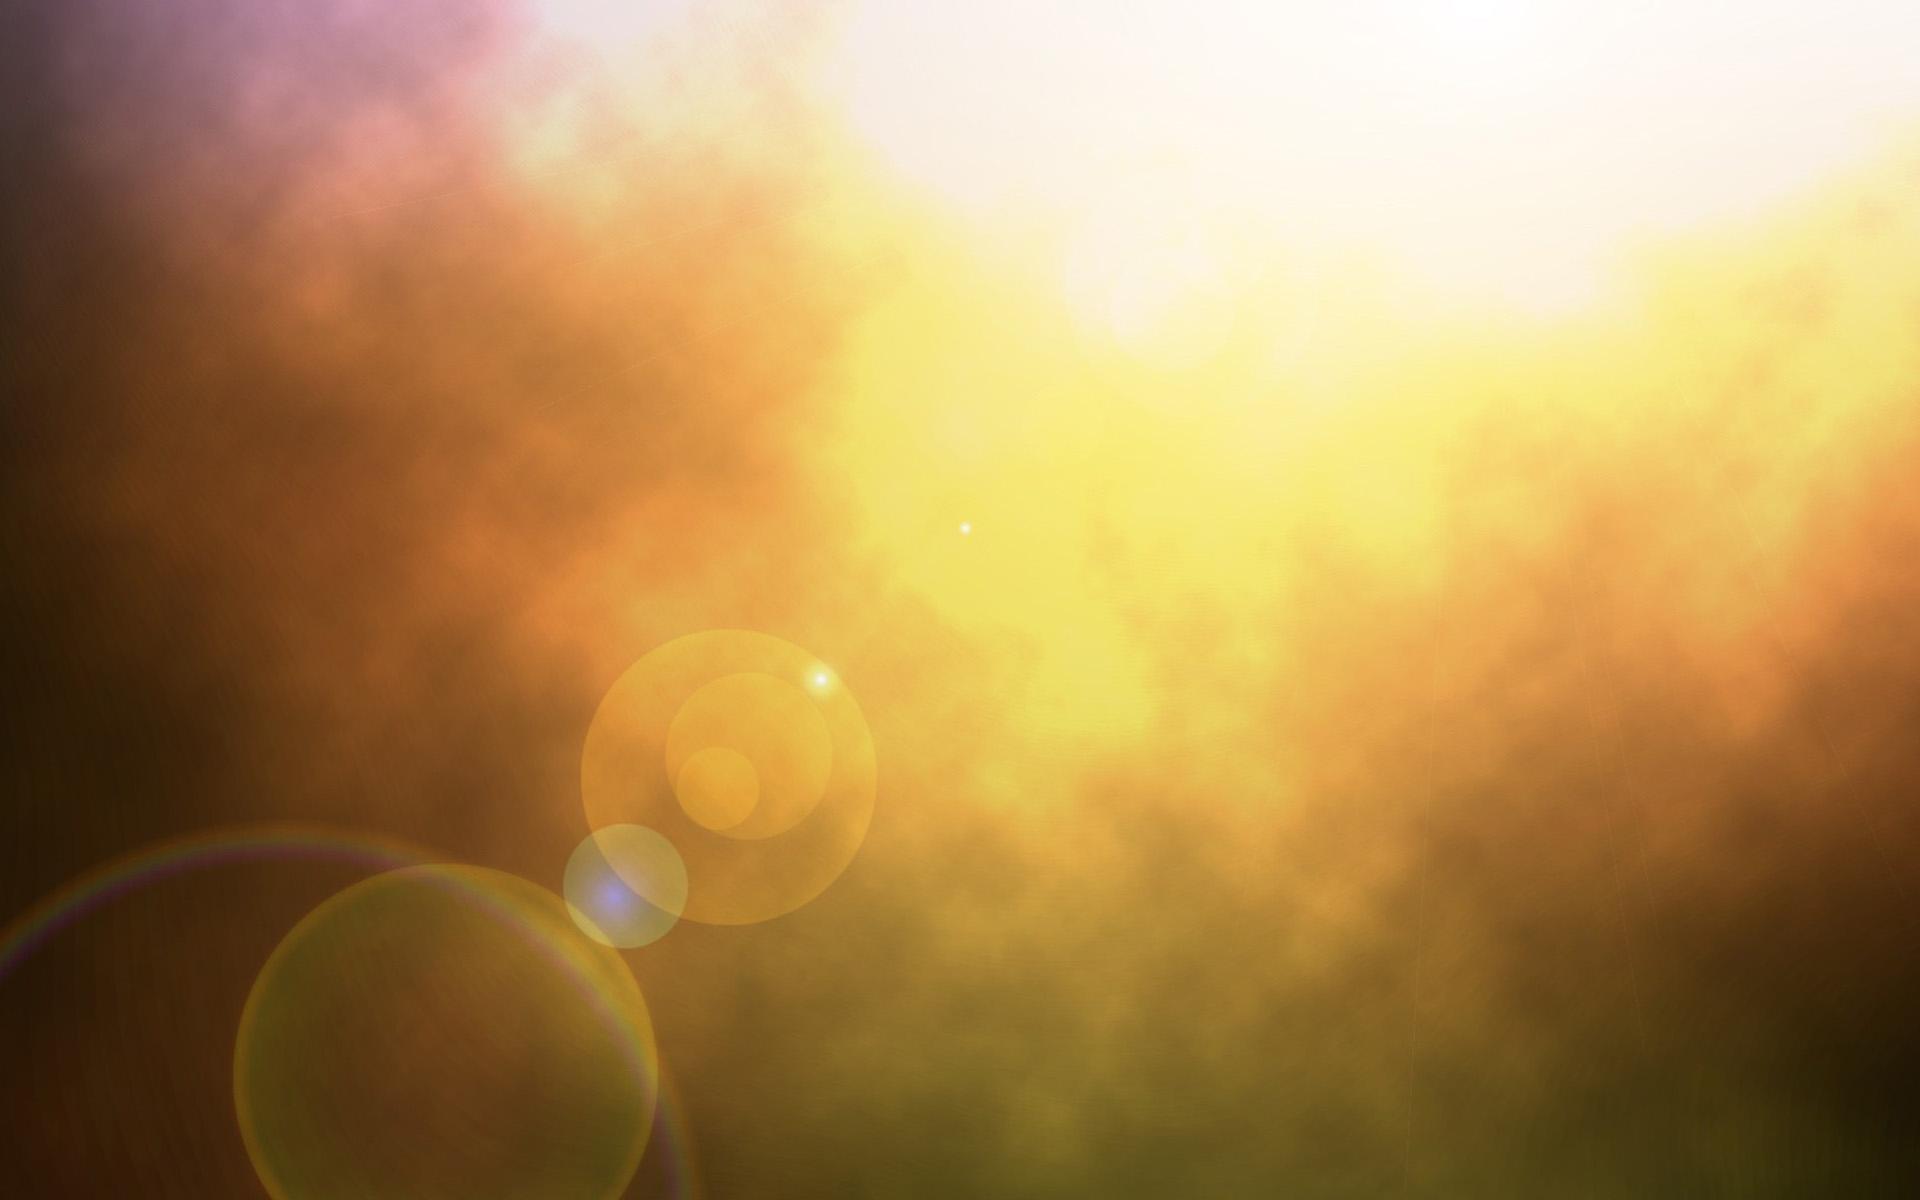 Sunshine Wallpaper - HDWPlan